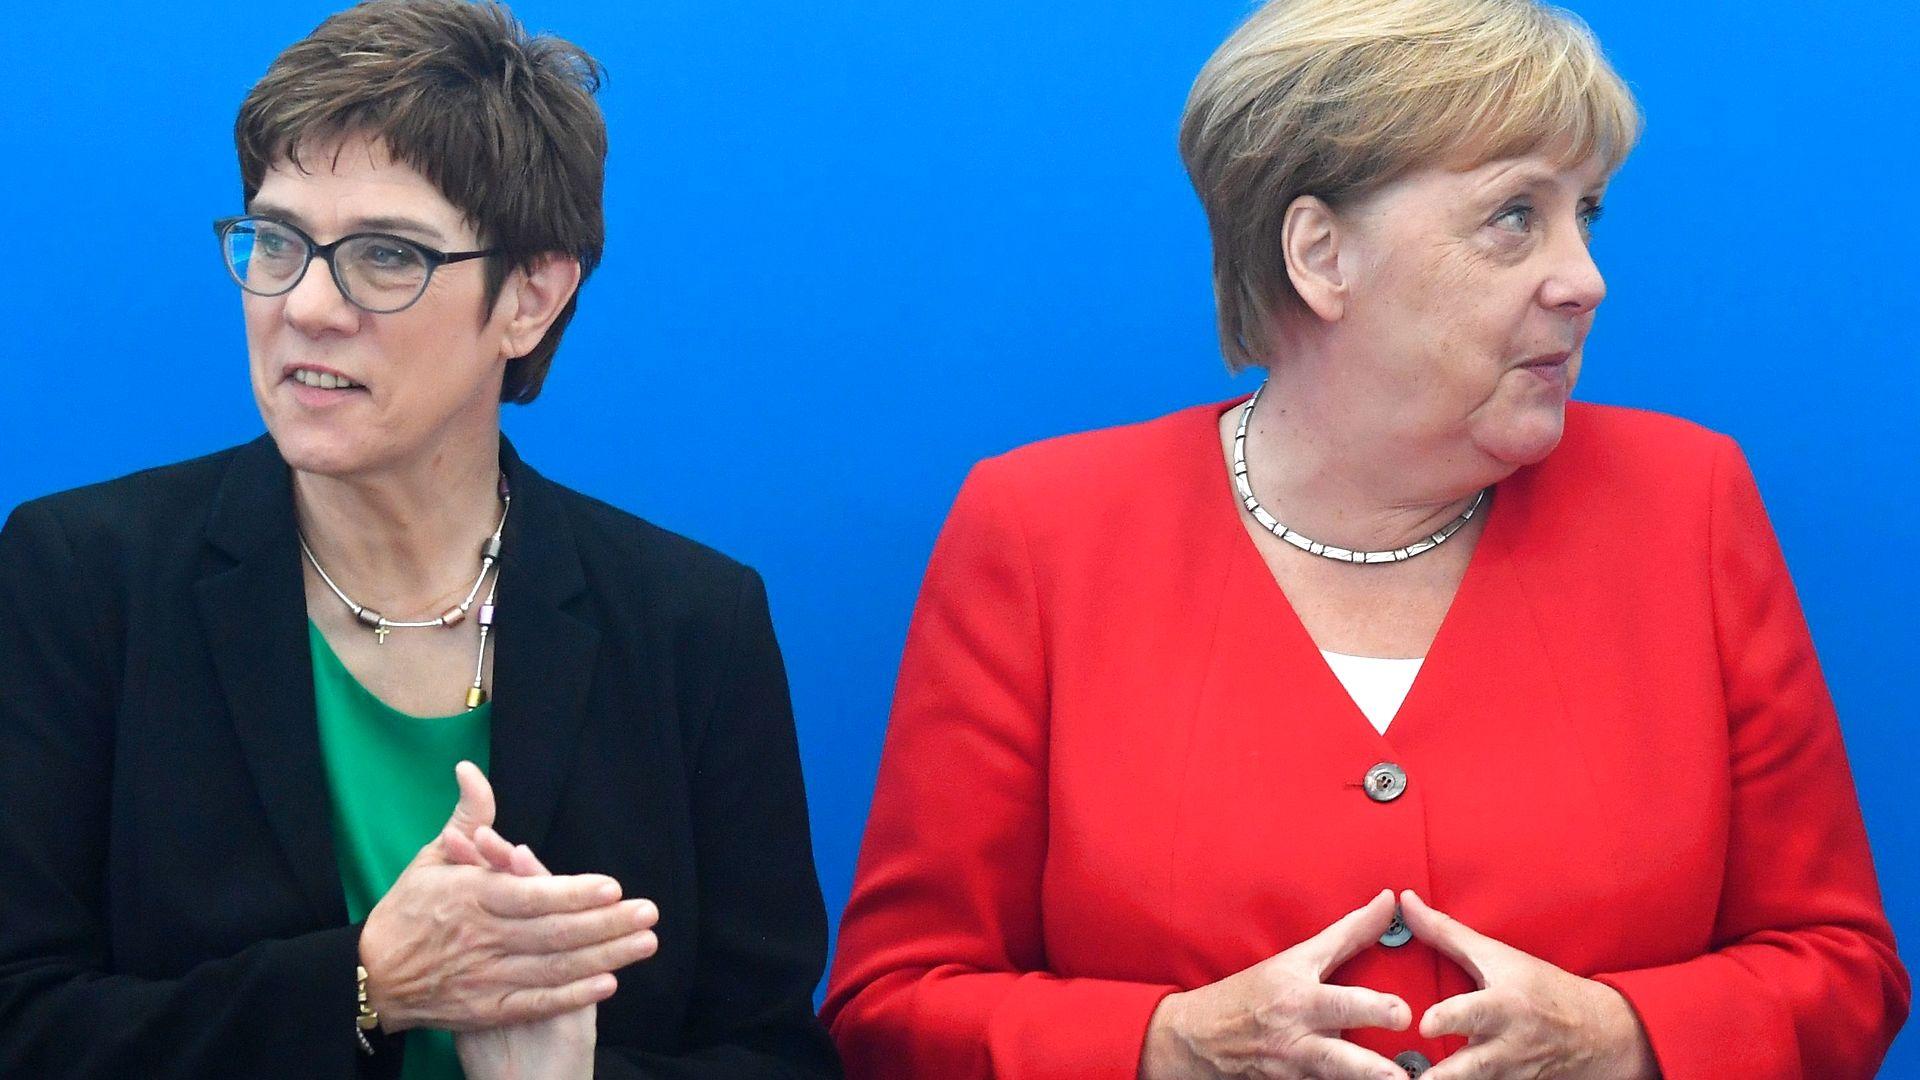 Philipp A. Ostrowicz: Valget i 2021 vil nu vise, om CDU stadig er et 'Volkspartei', eller om tysk politik for alvor går i opløsning